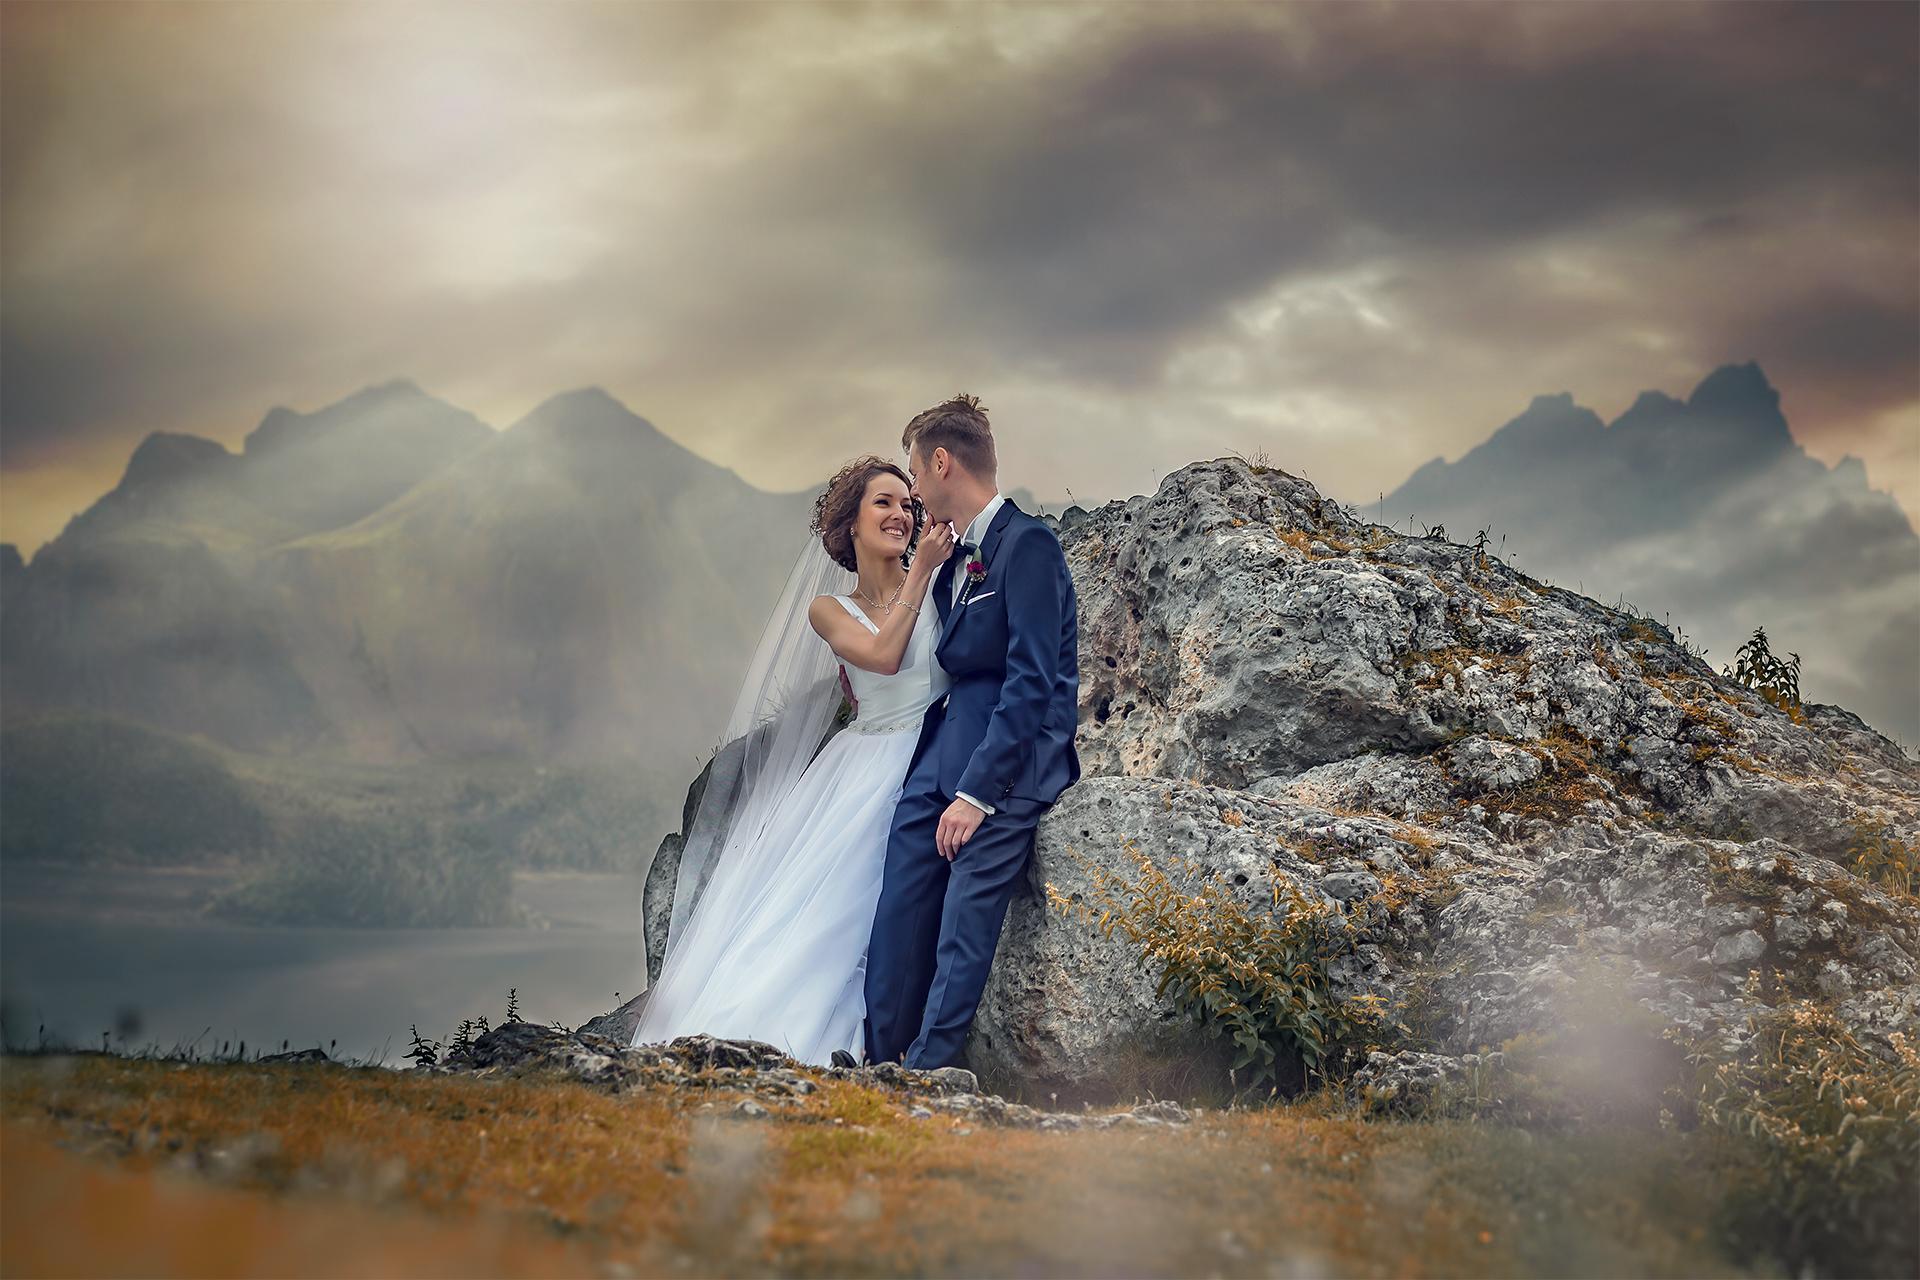 Sesja Plenerowa w Chmurach - Ania i Paweł